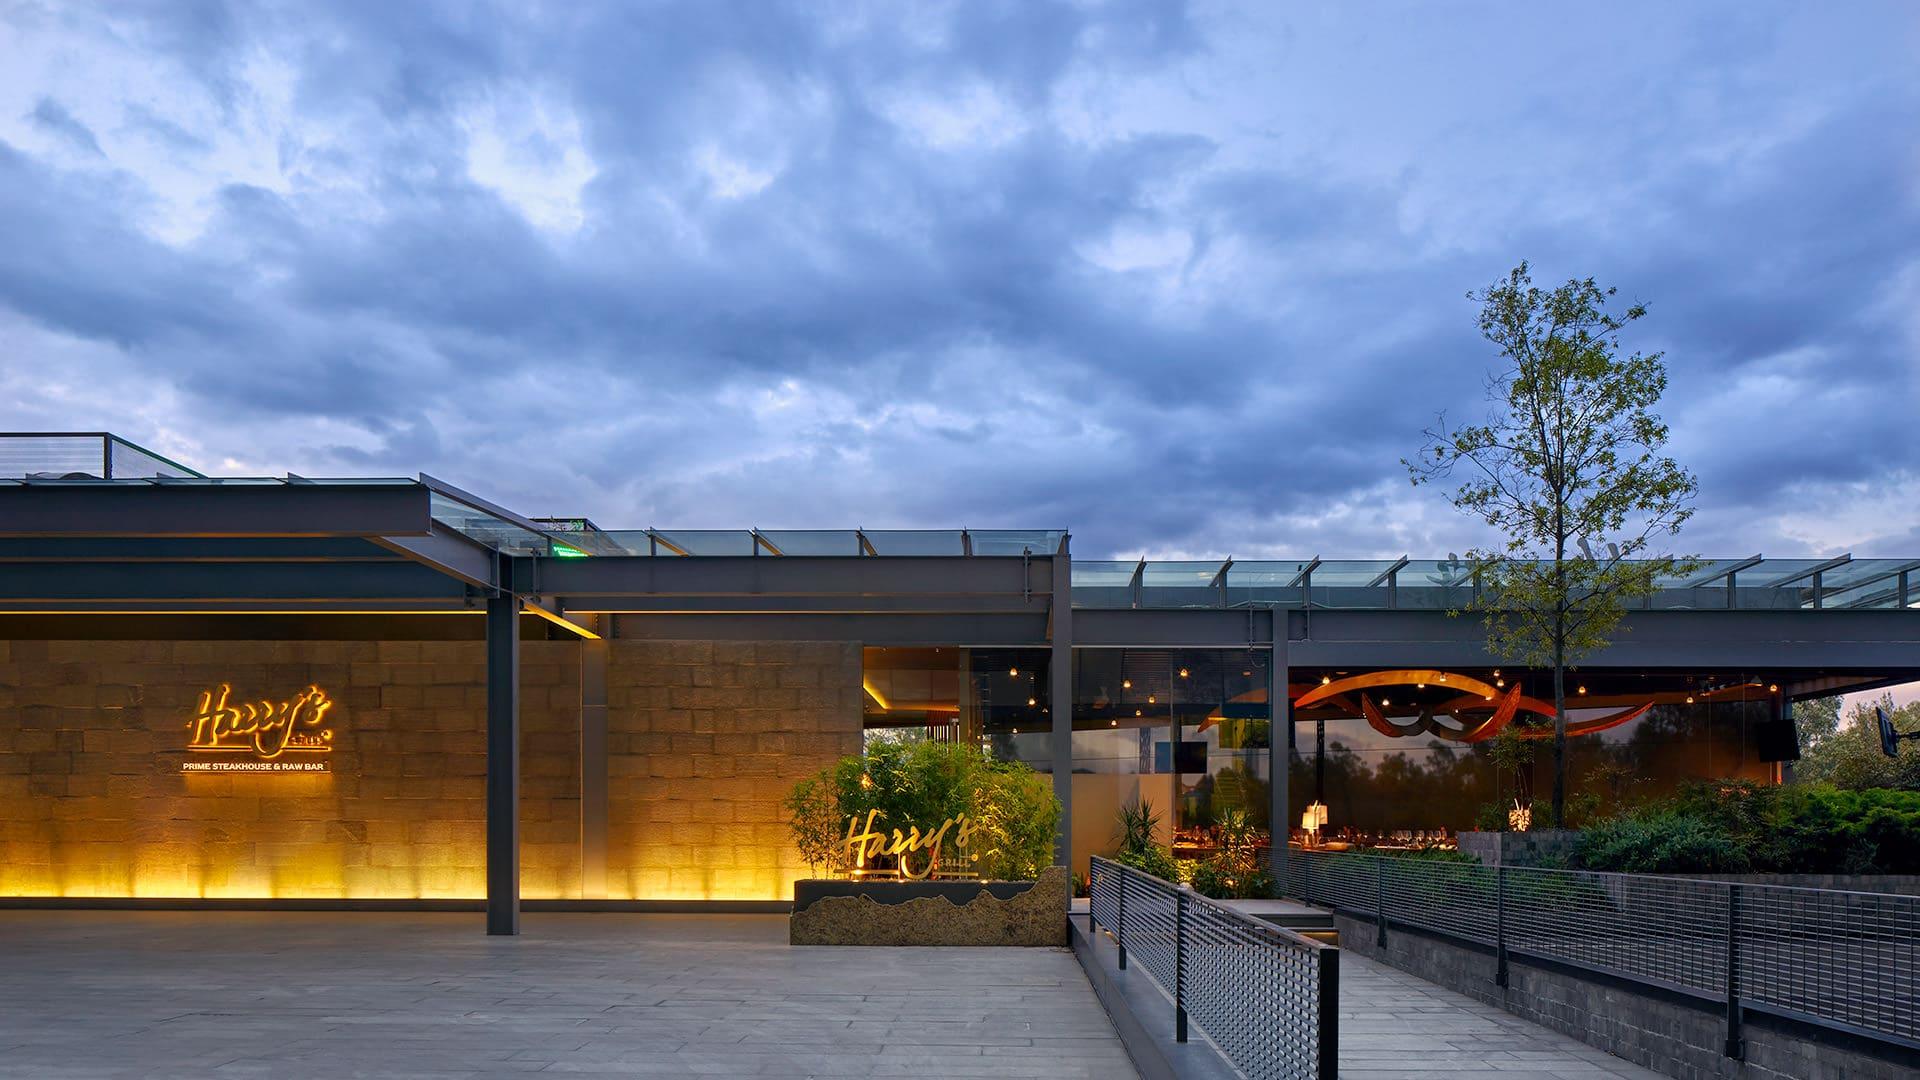 Harry´s Santa Fe, Concepto Visual Estudio Diseño de Interiores